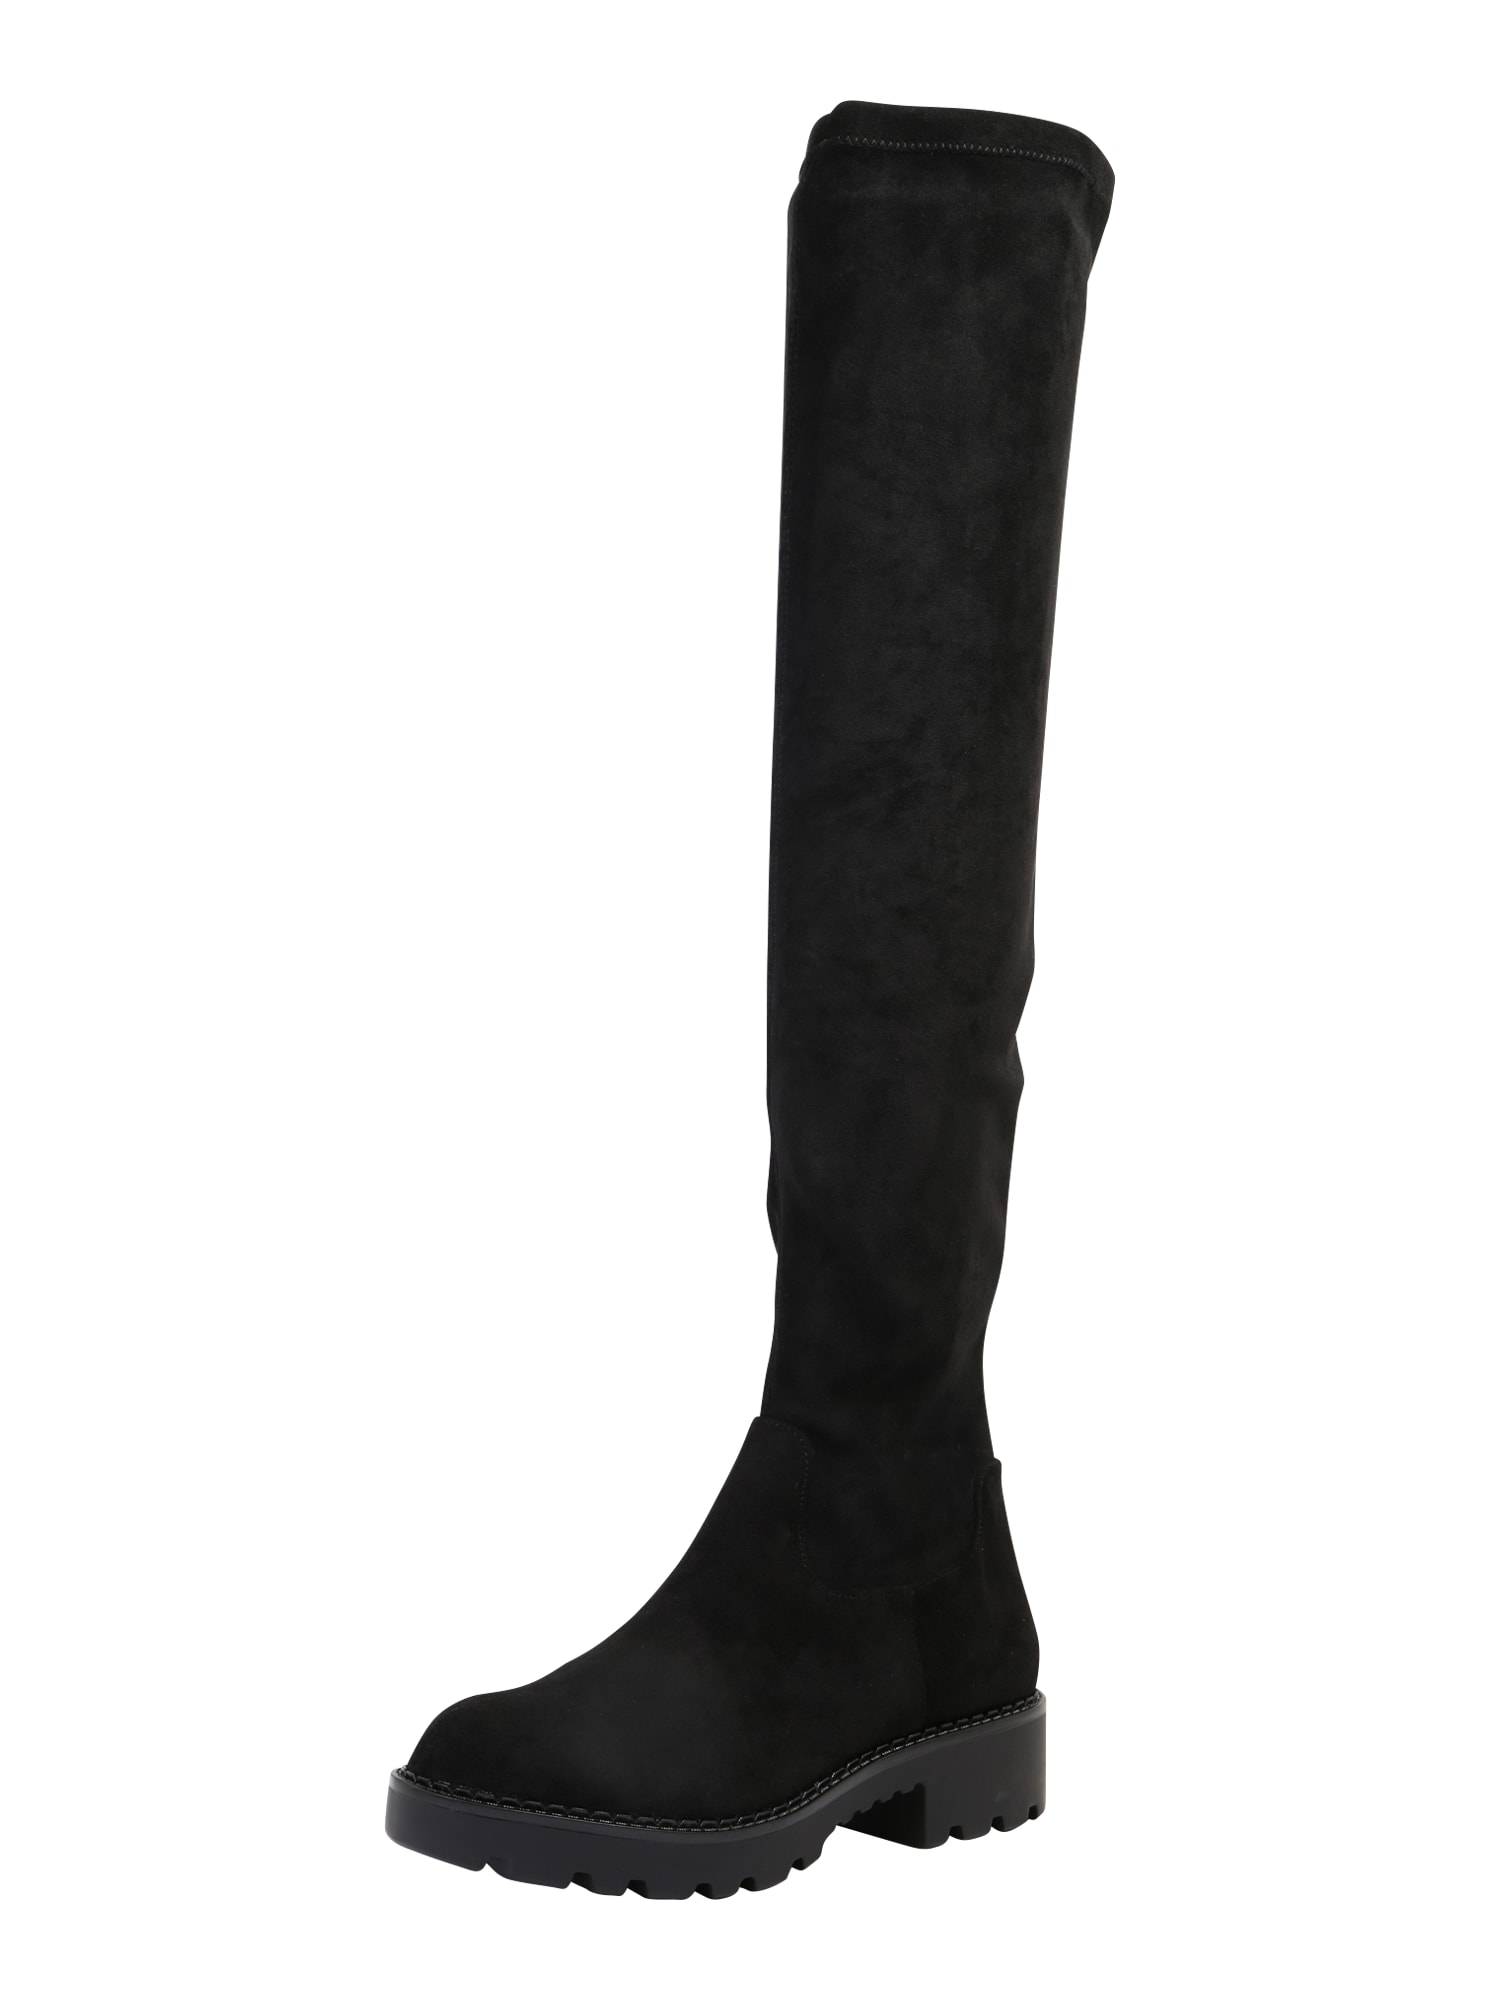 BUFFALO Ilgaauliai batai virš kelių 'Myrna' juoda